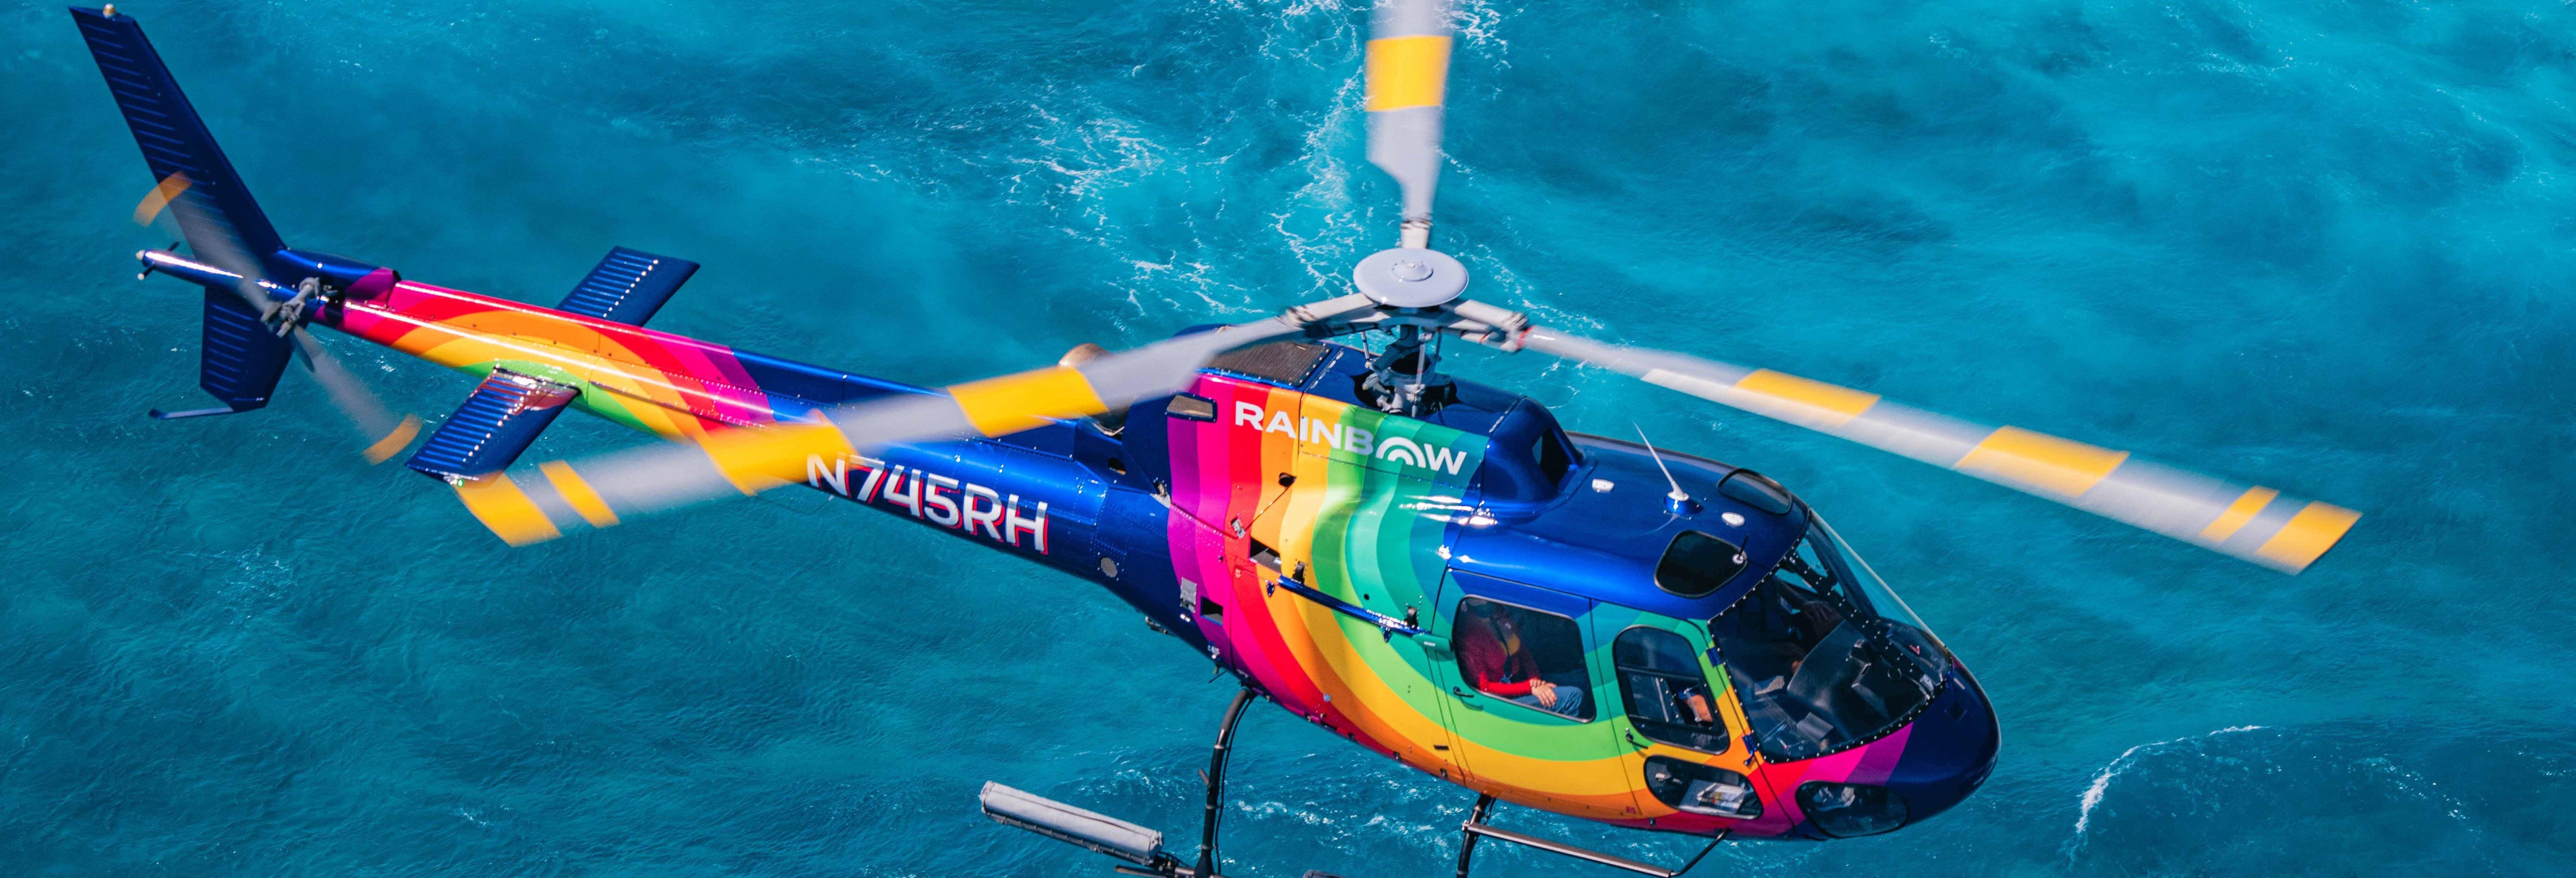 Balade en hélicoptère au-dessus d'Honolulu au coucher de soleil